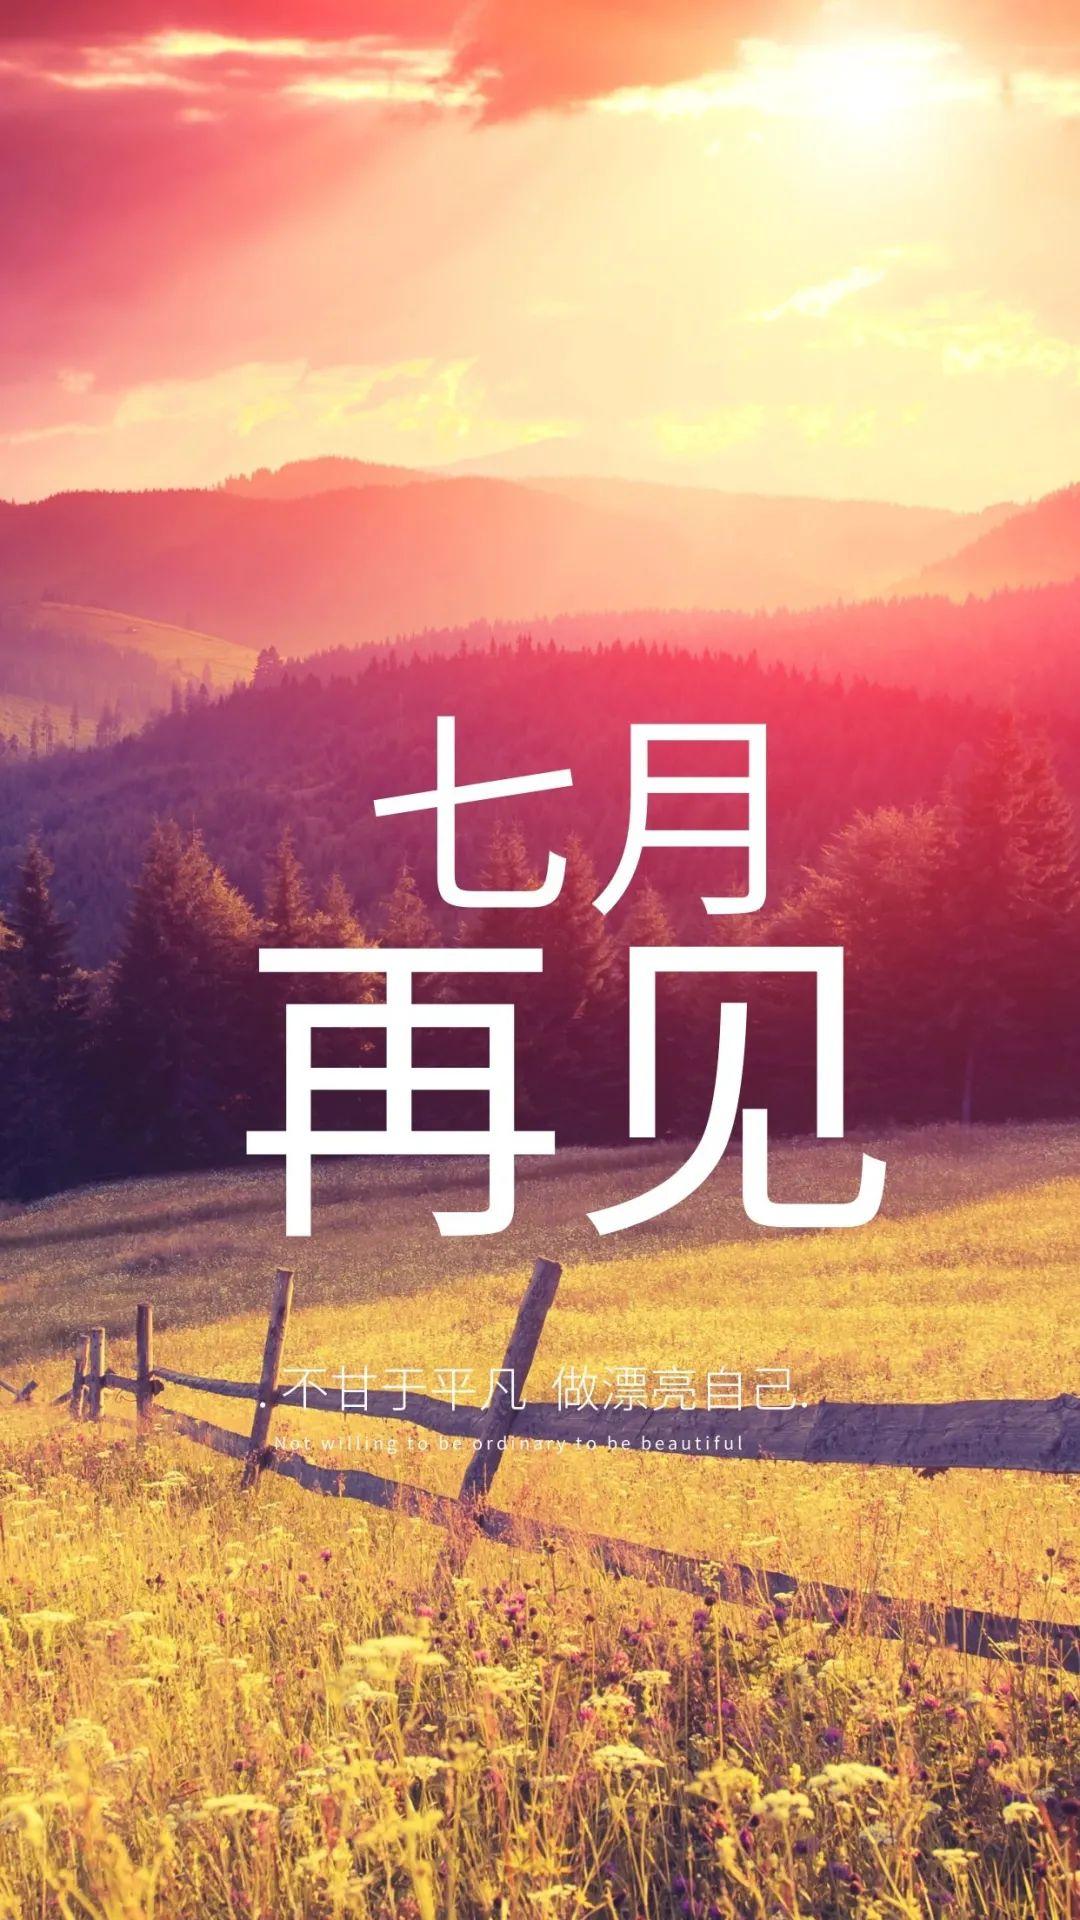 再见七月的早安图片正能量说说,7月最后一天发朋友圈的文案句子